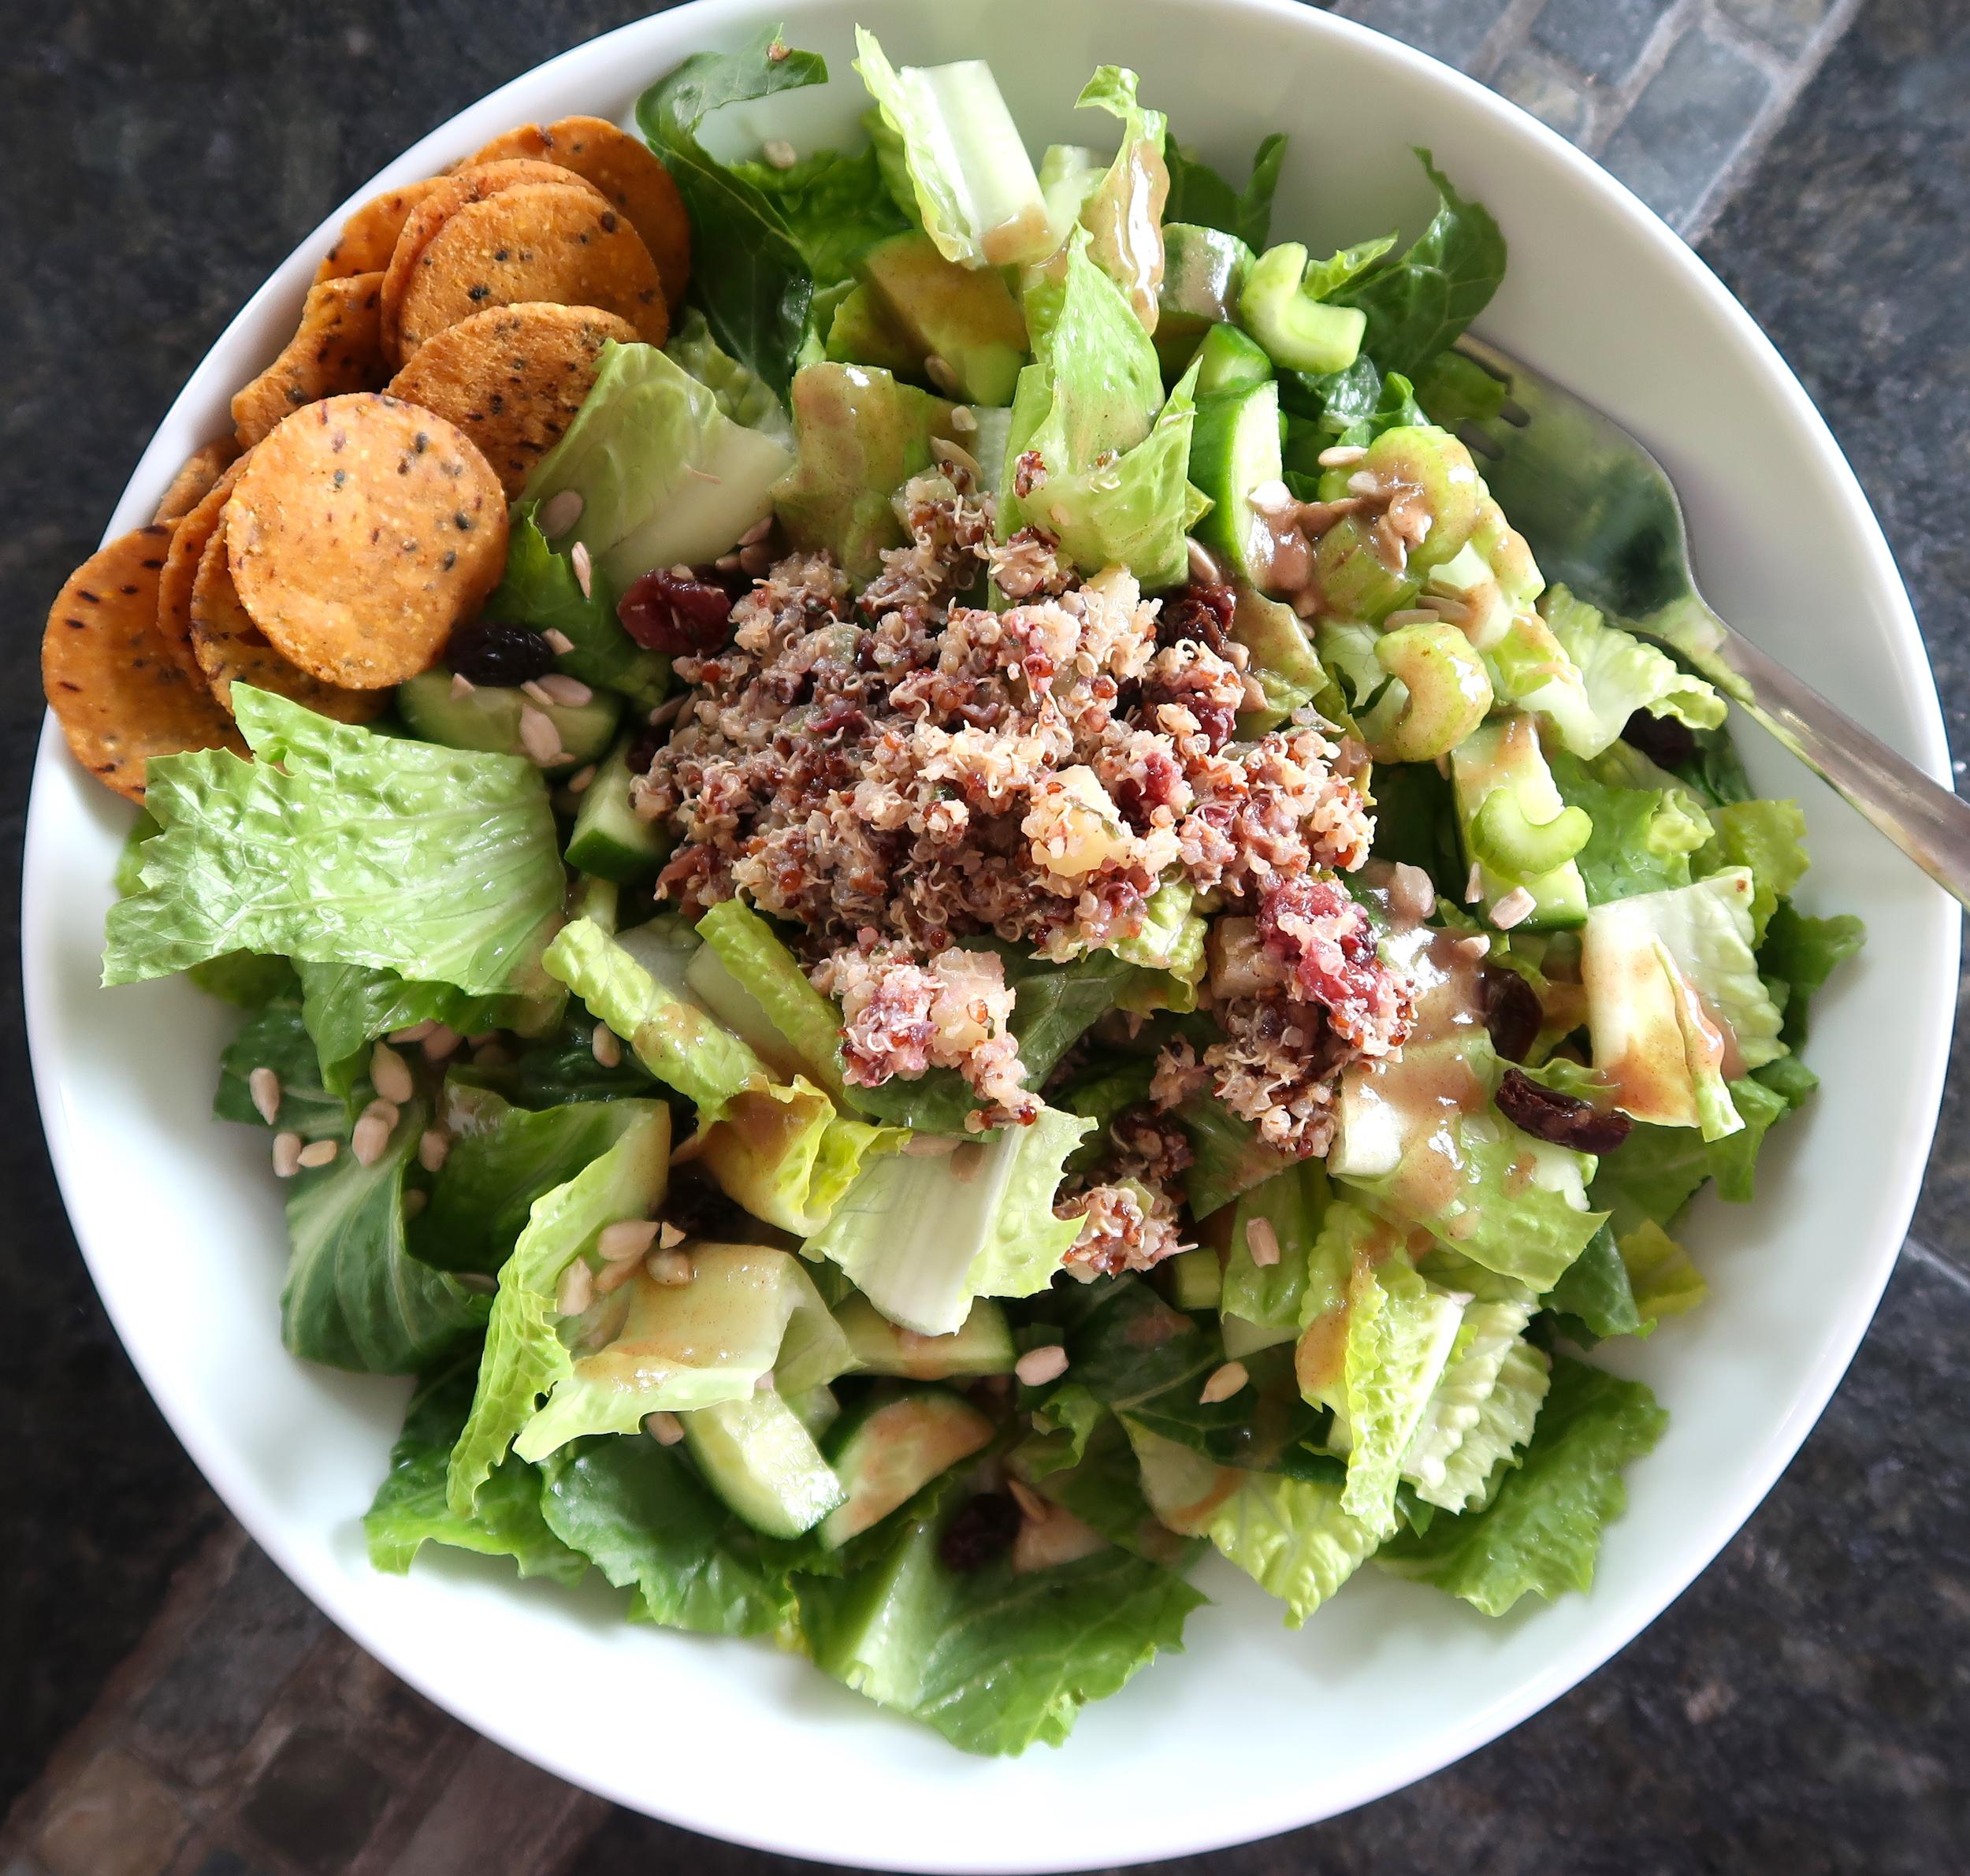 snackface-salad-trader-joes-quinoa.jpg